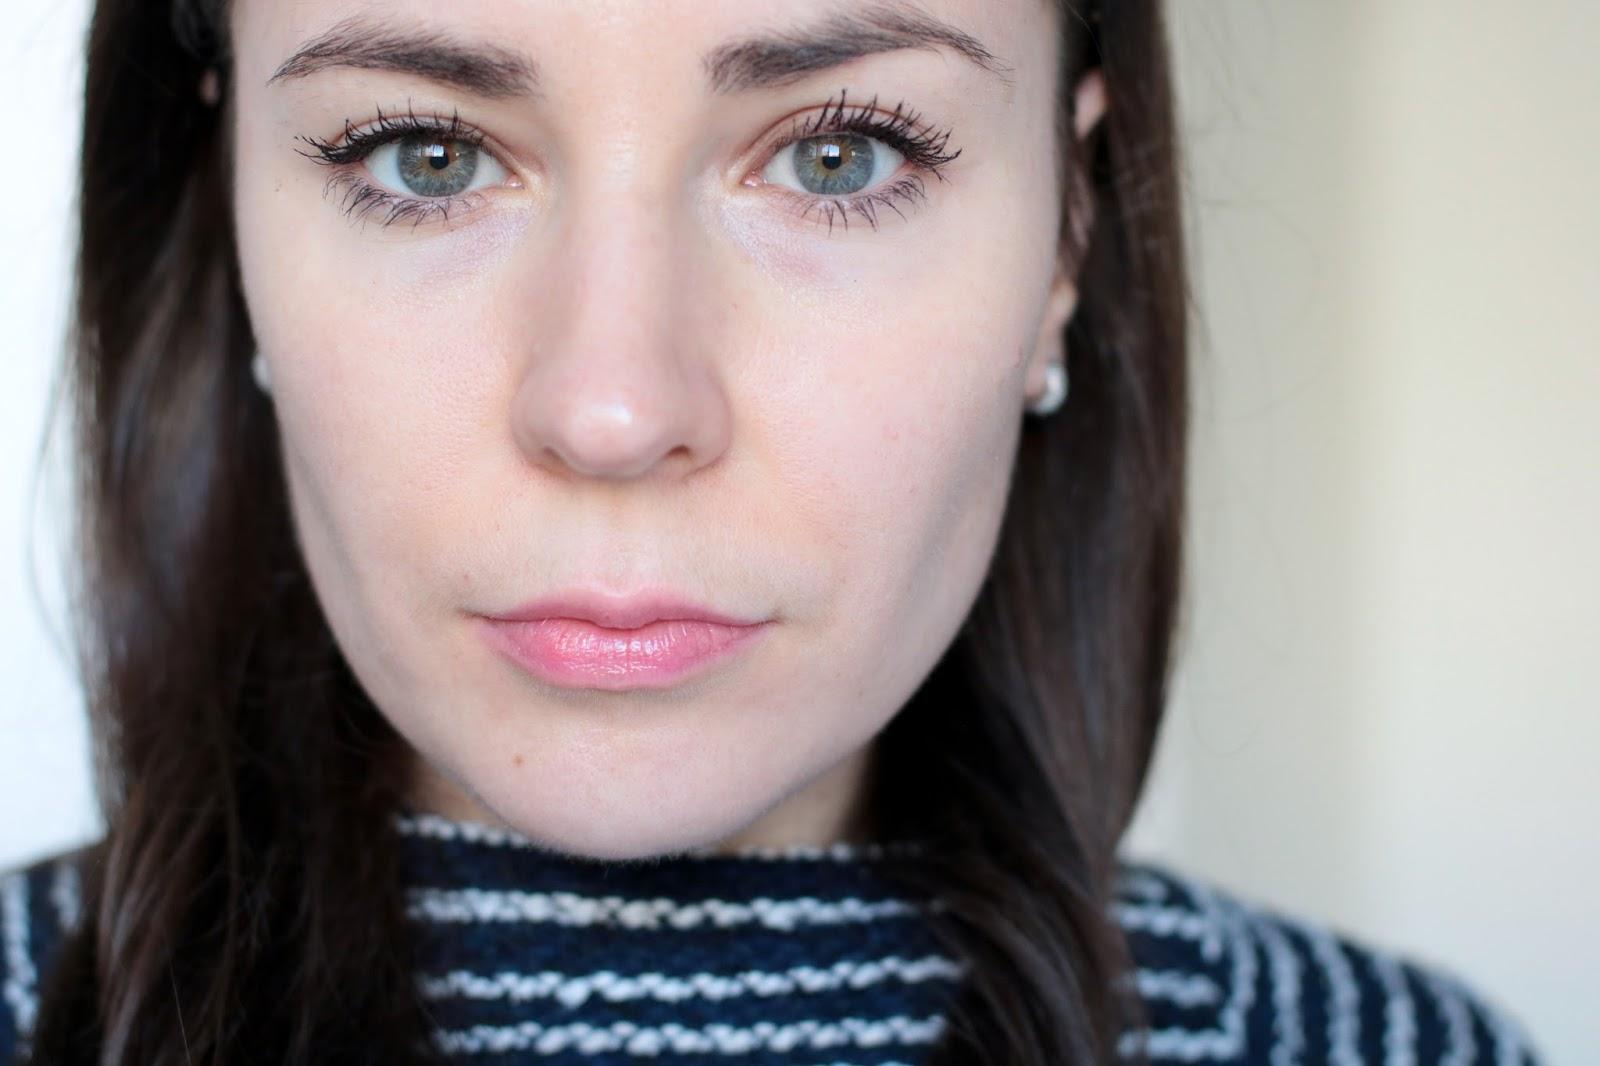 clinique superbalanced silk makeup avis